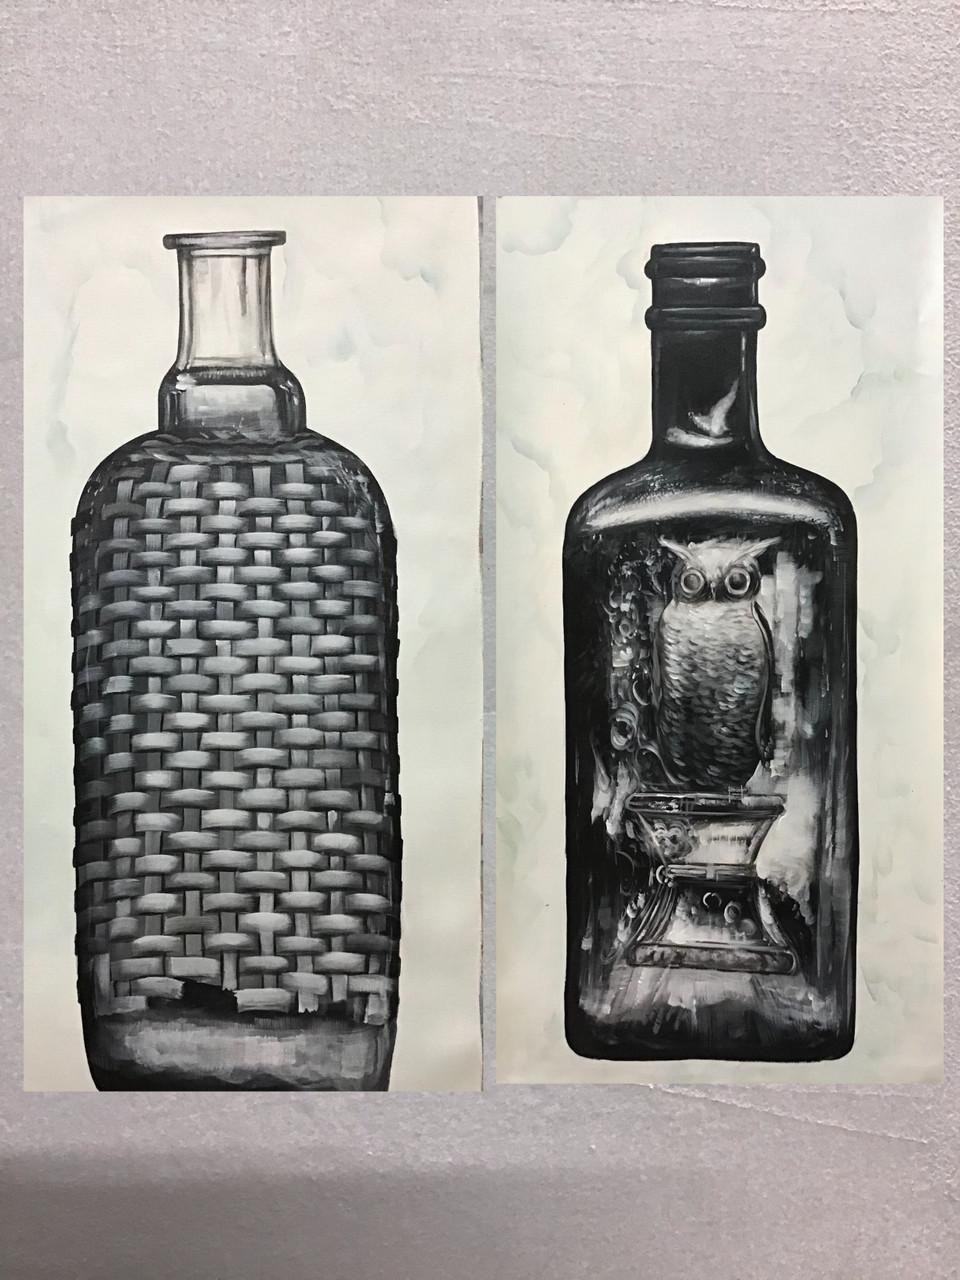 Buy Bottle Painting Handmade Painting By Kuldeep Singh Code Art 6706 41323 Paintings For Sale Online In India